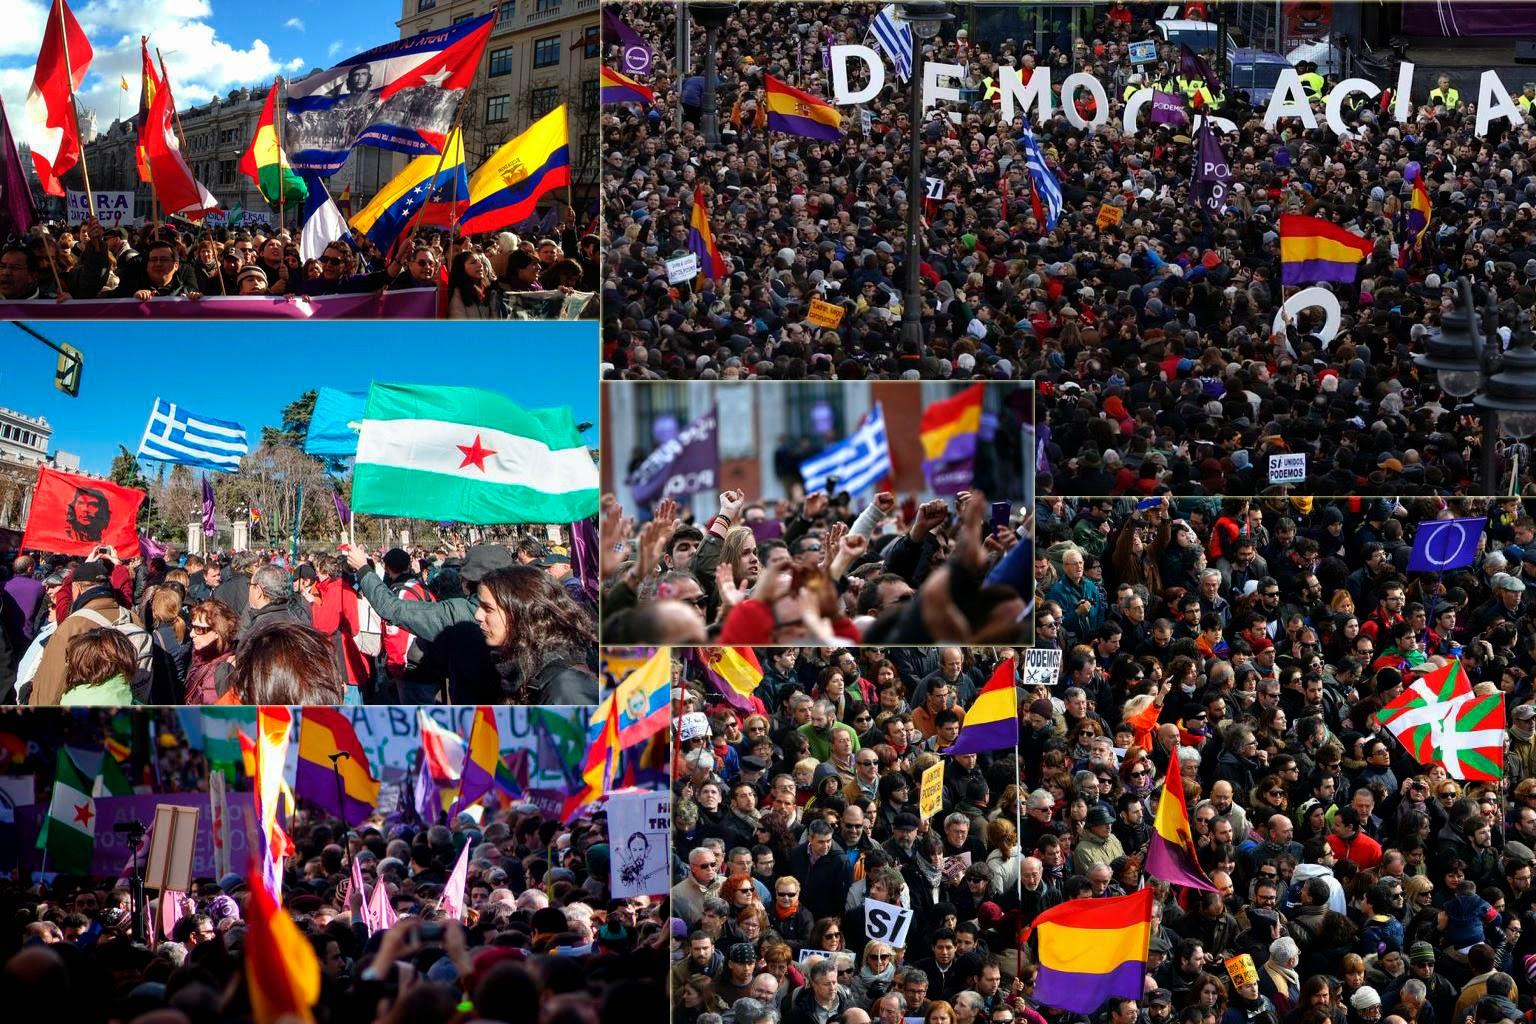 Una manifestación por el cambio en España